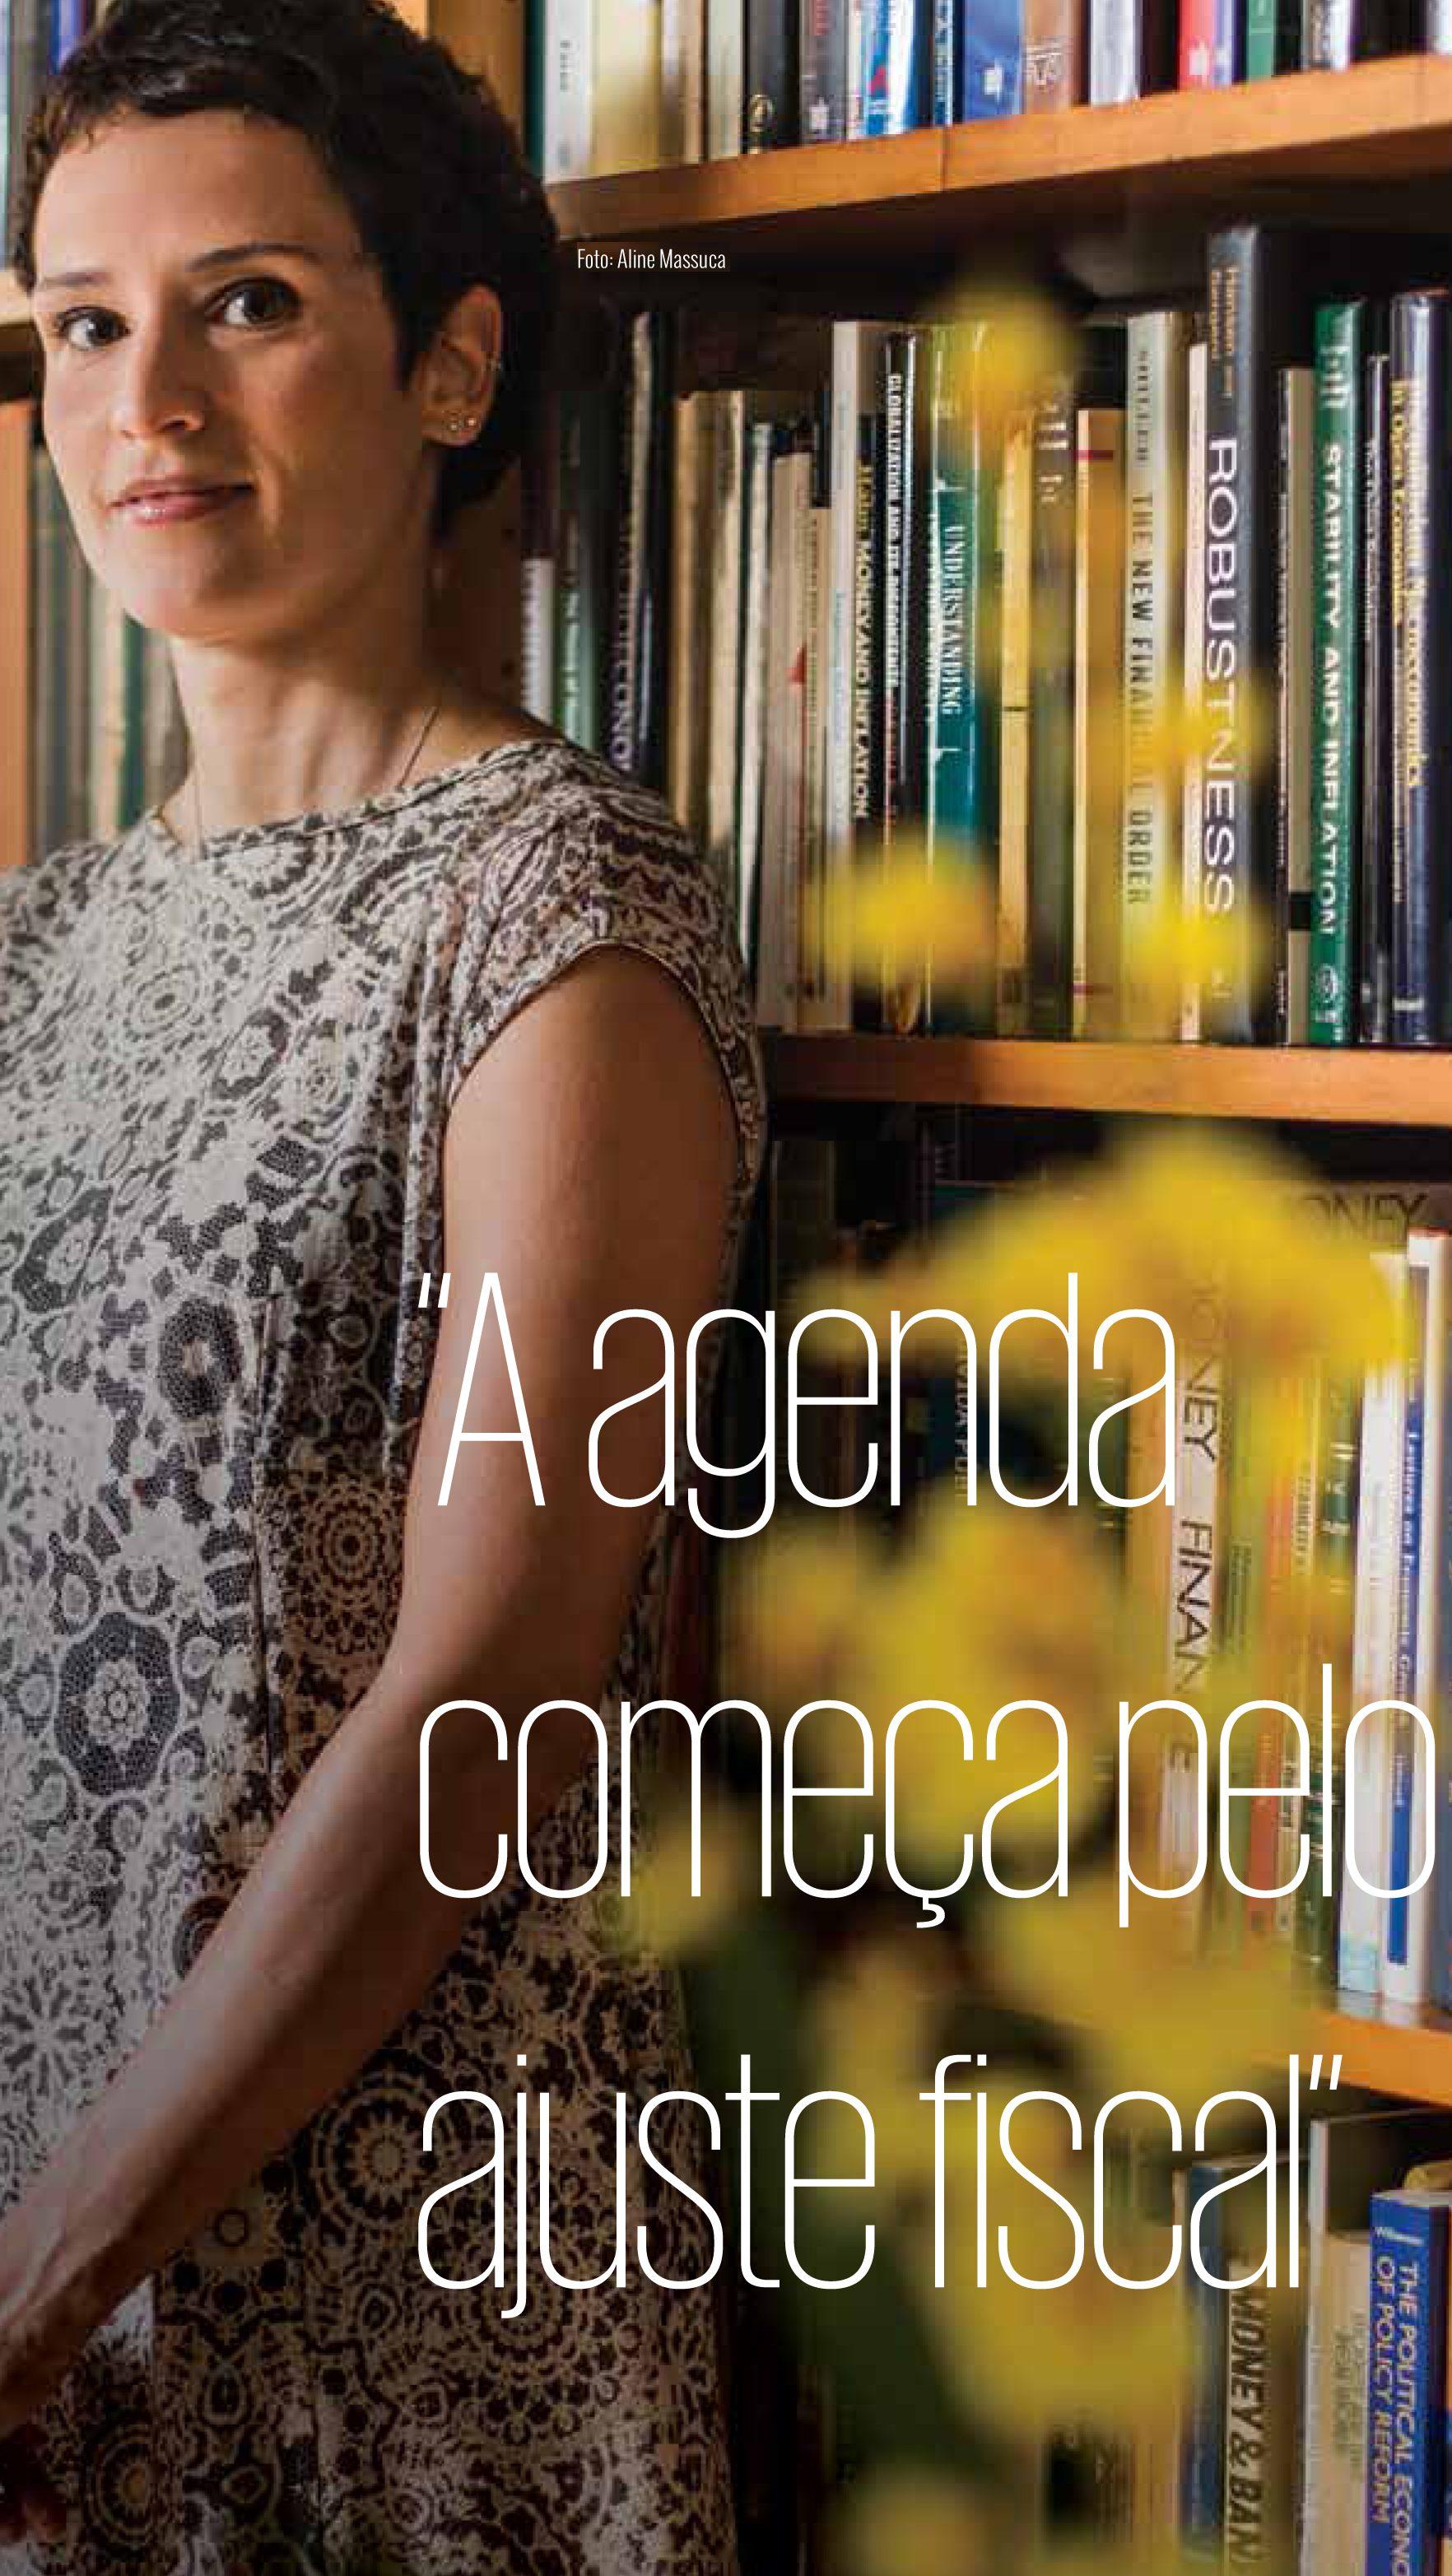 a-agenda-comeca